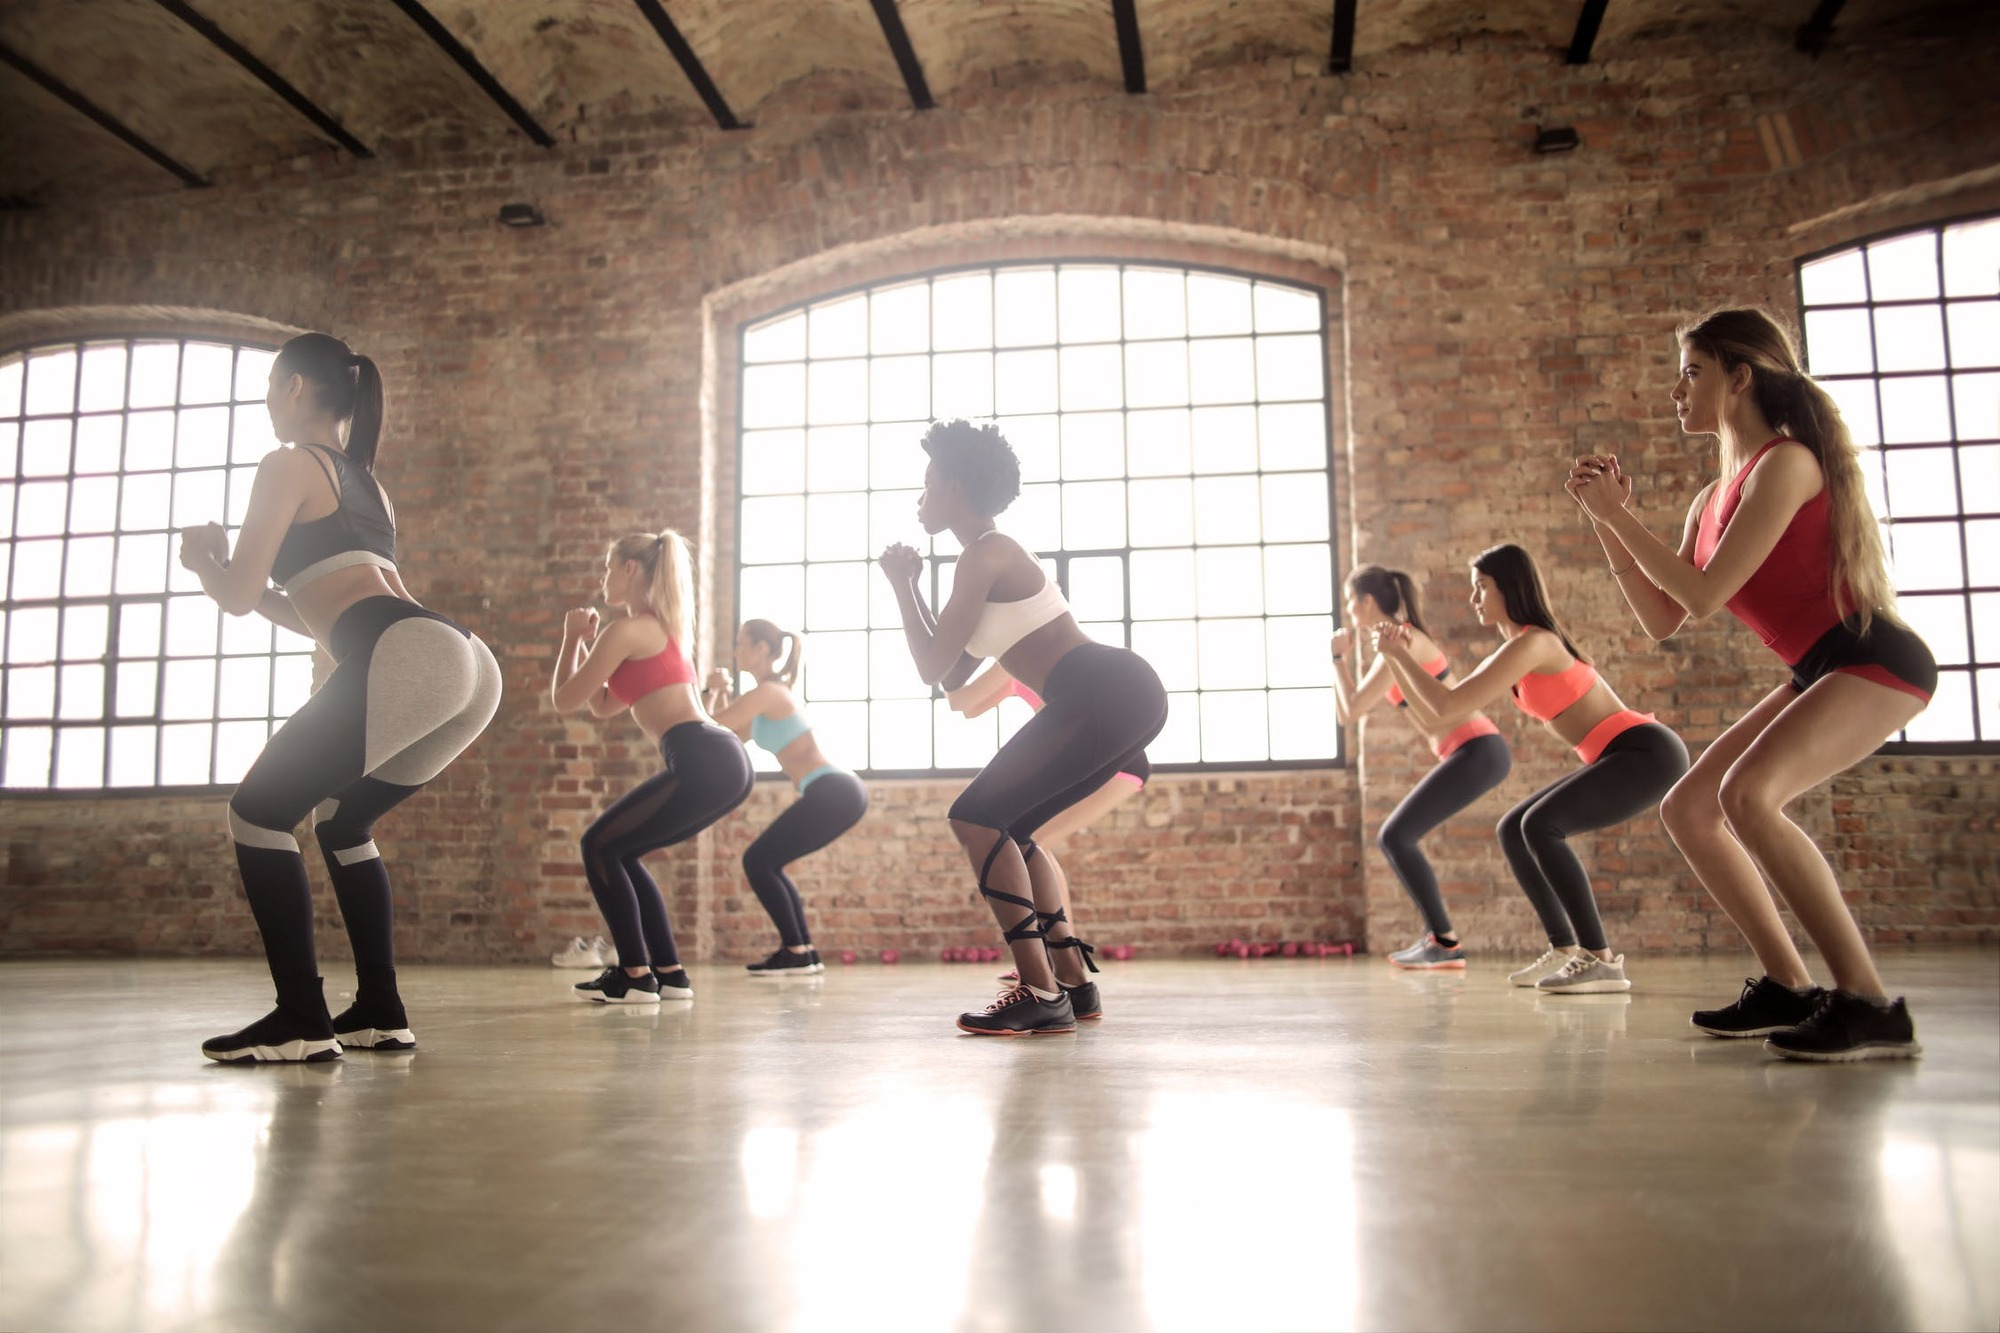 Як швидко схуднути вдома: названо найкращі вправи